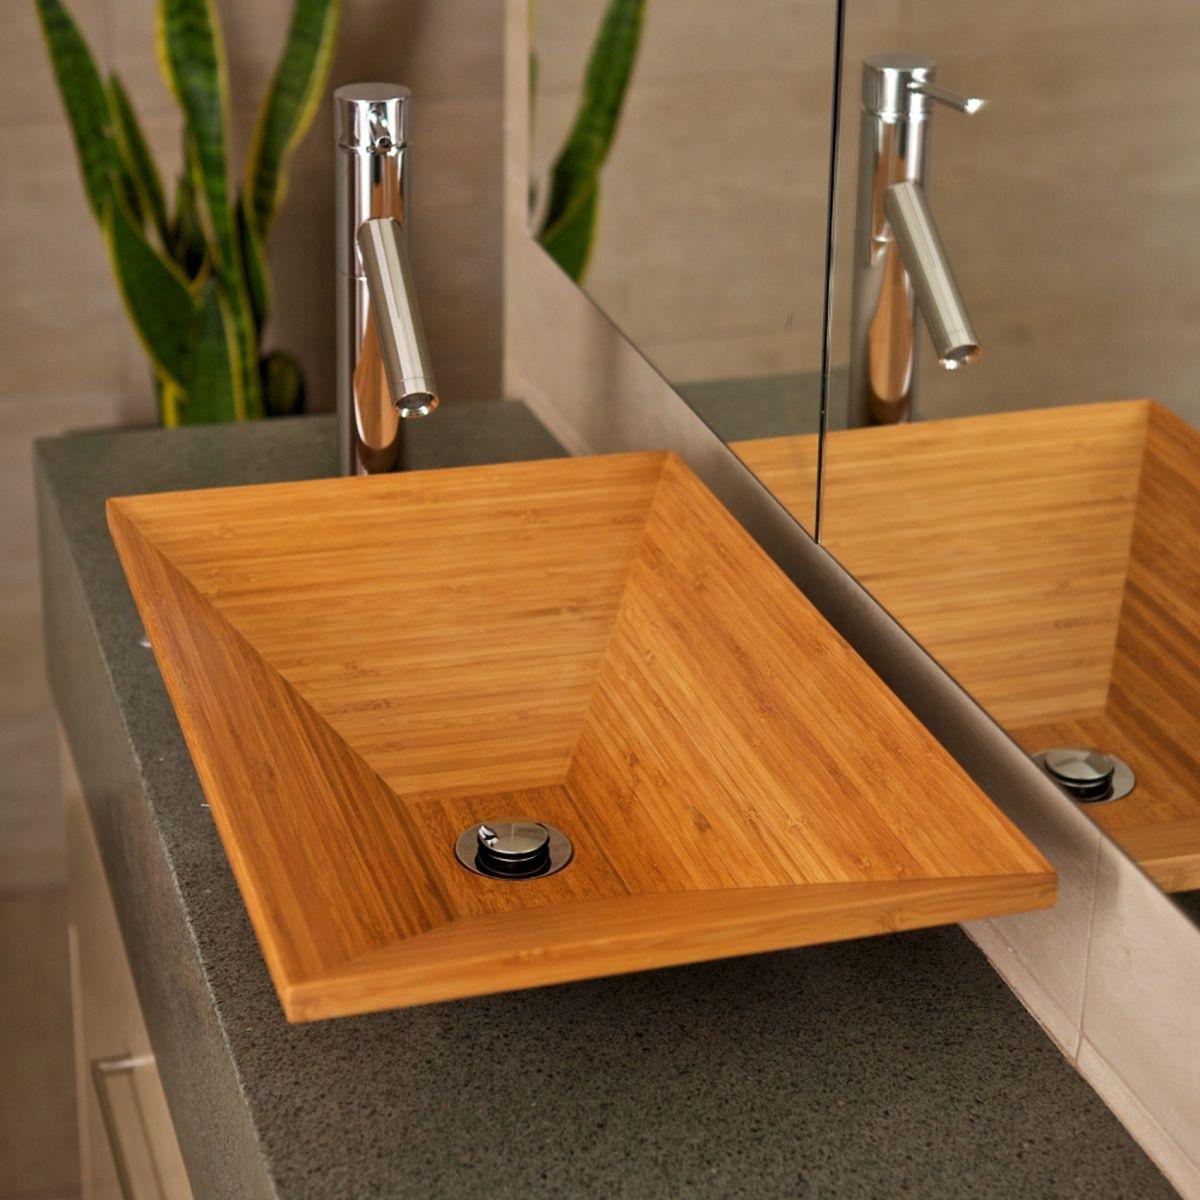 modernes waschbecken aus bambus bauen in 2019. Black Bedroom Furniture Sets. Home Design Ideas